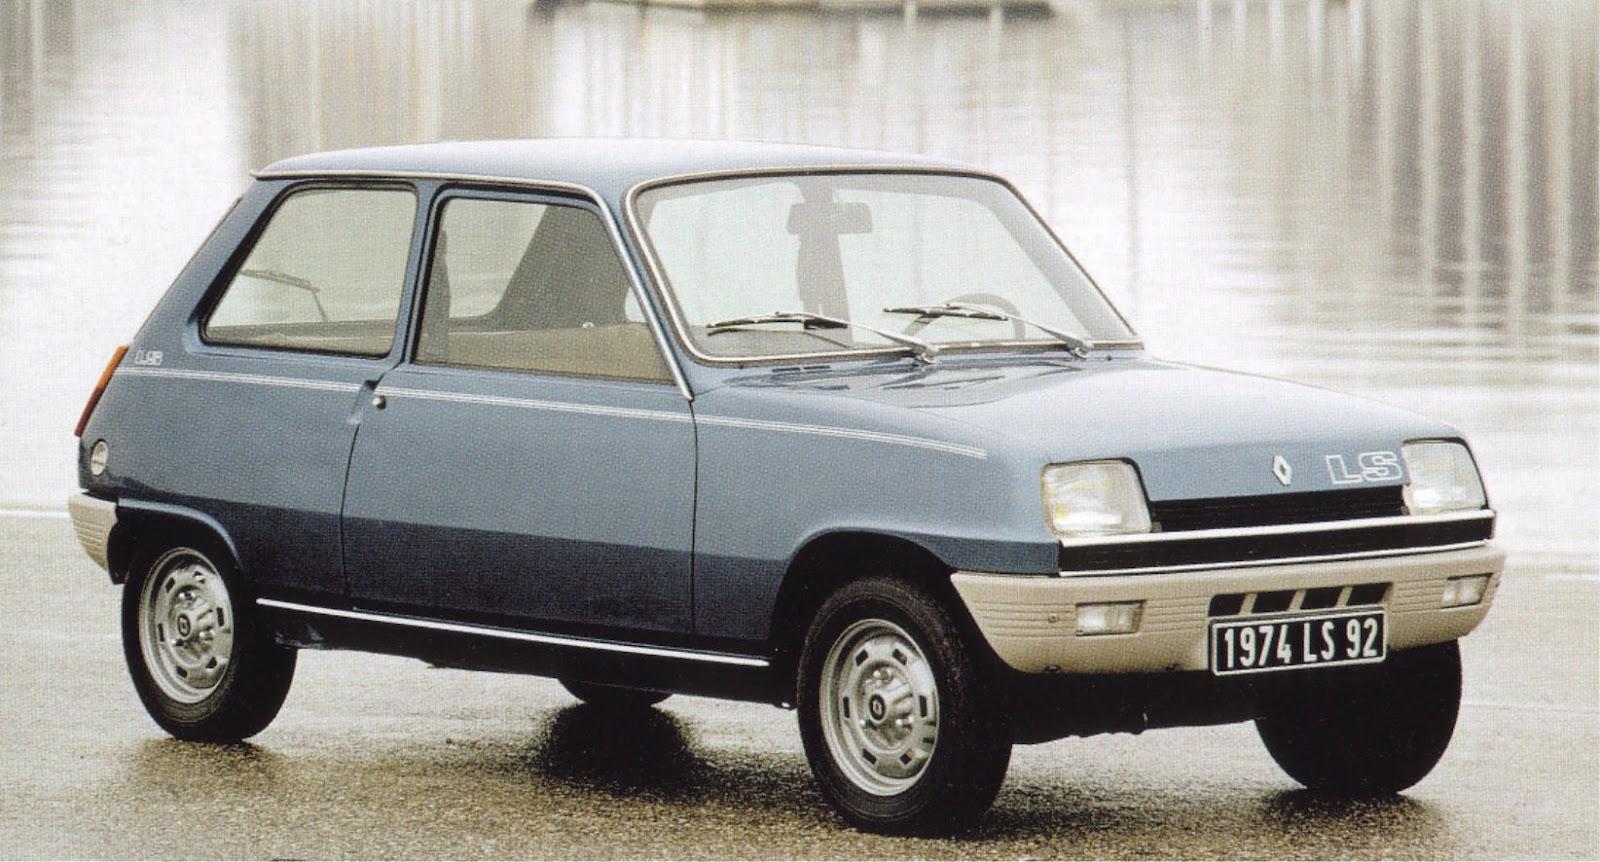 Renault 5 LS (1974)